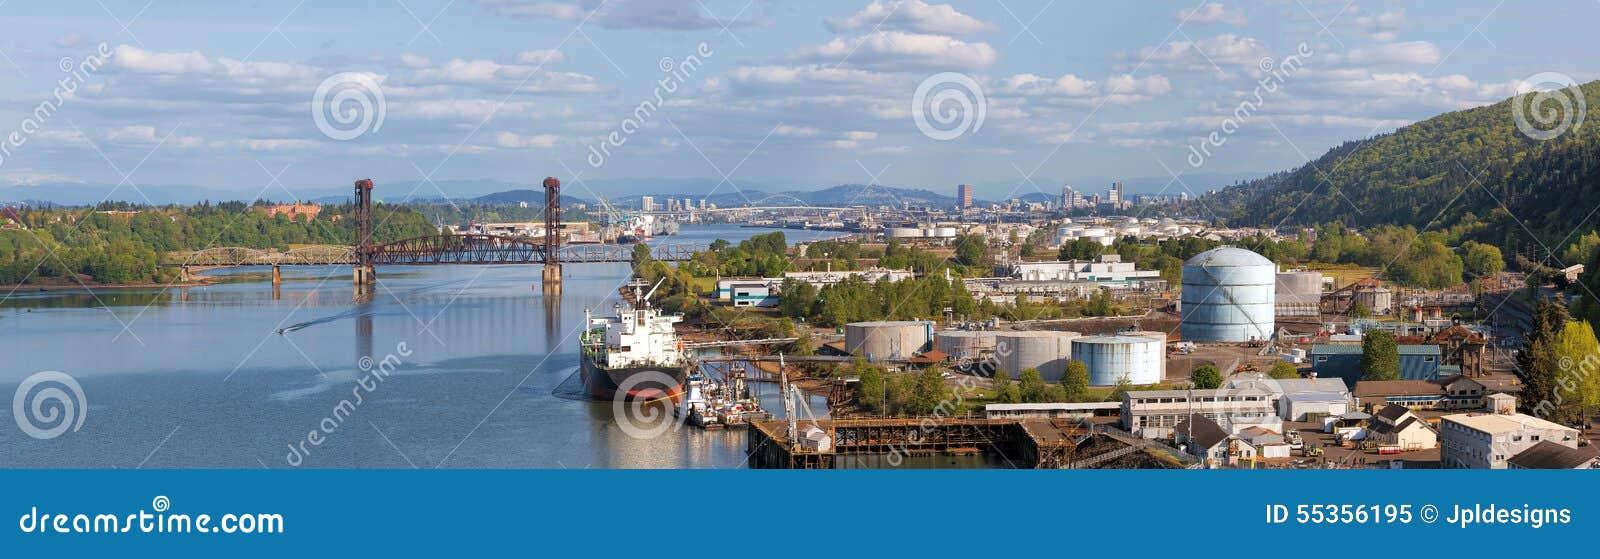 Cantiere navale di Portland lungo panorama del fiume di Willamette